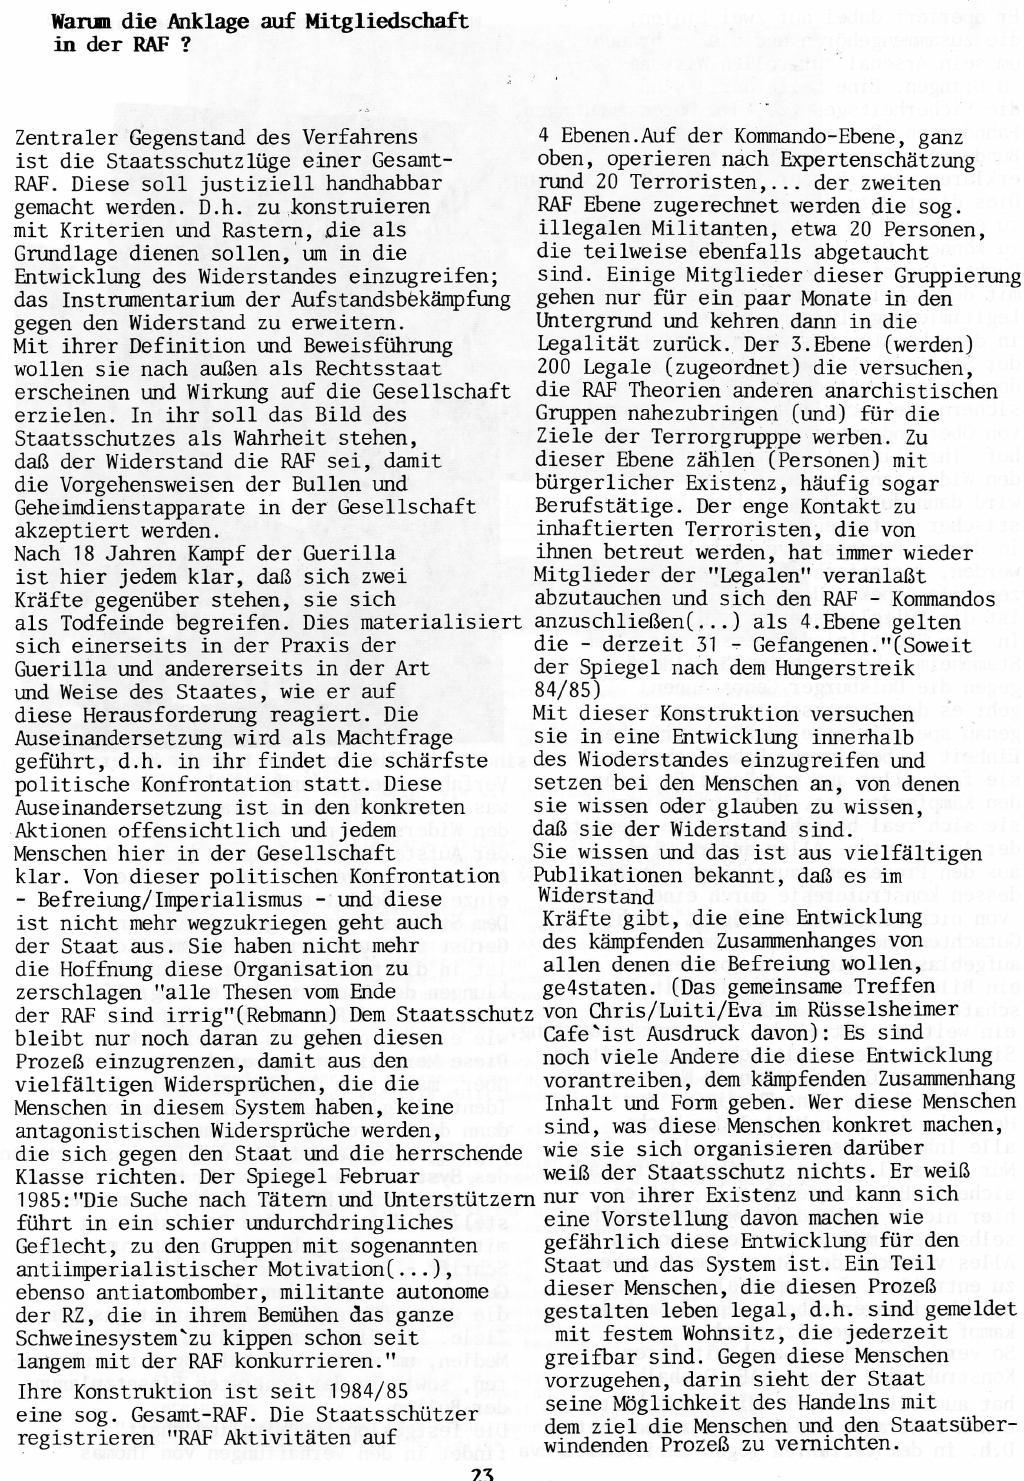 Duesseldorf_1989_Sechs_Politische_Gefangene_023